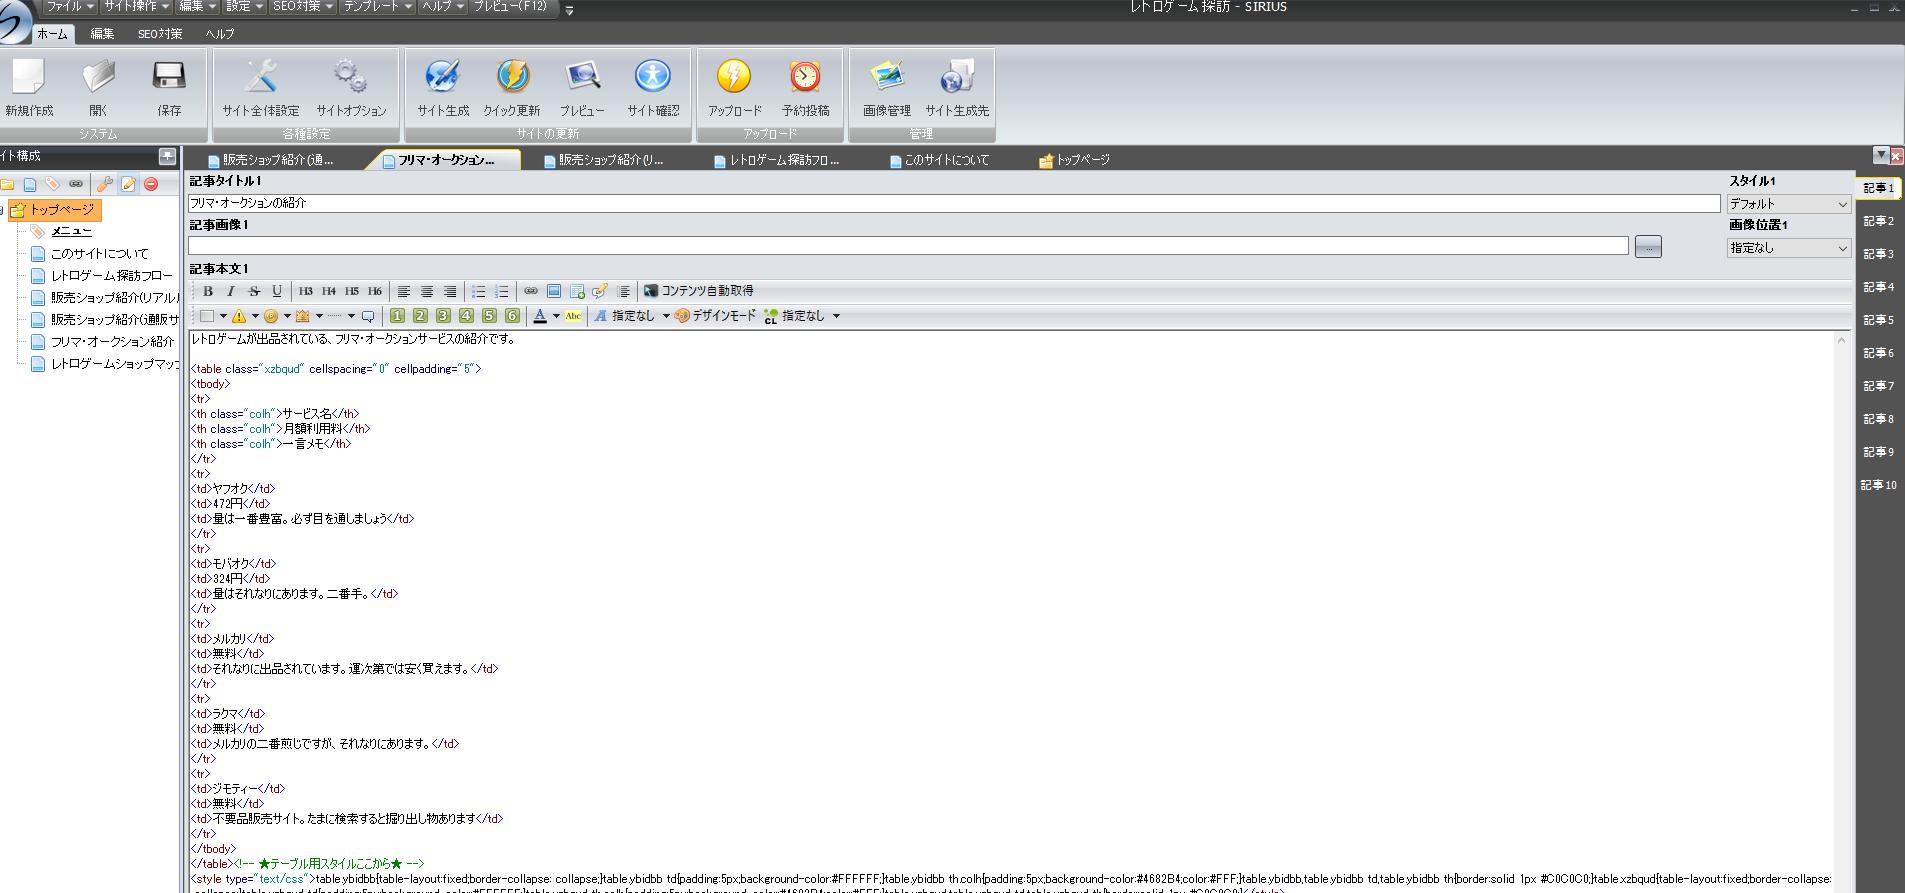 【サイトのこと】シリウスでヘッダー画像作り。付属ツールは使いやすい。